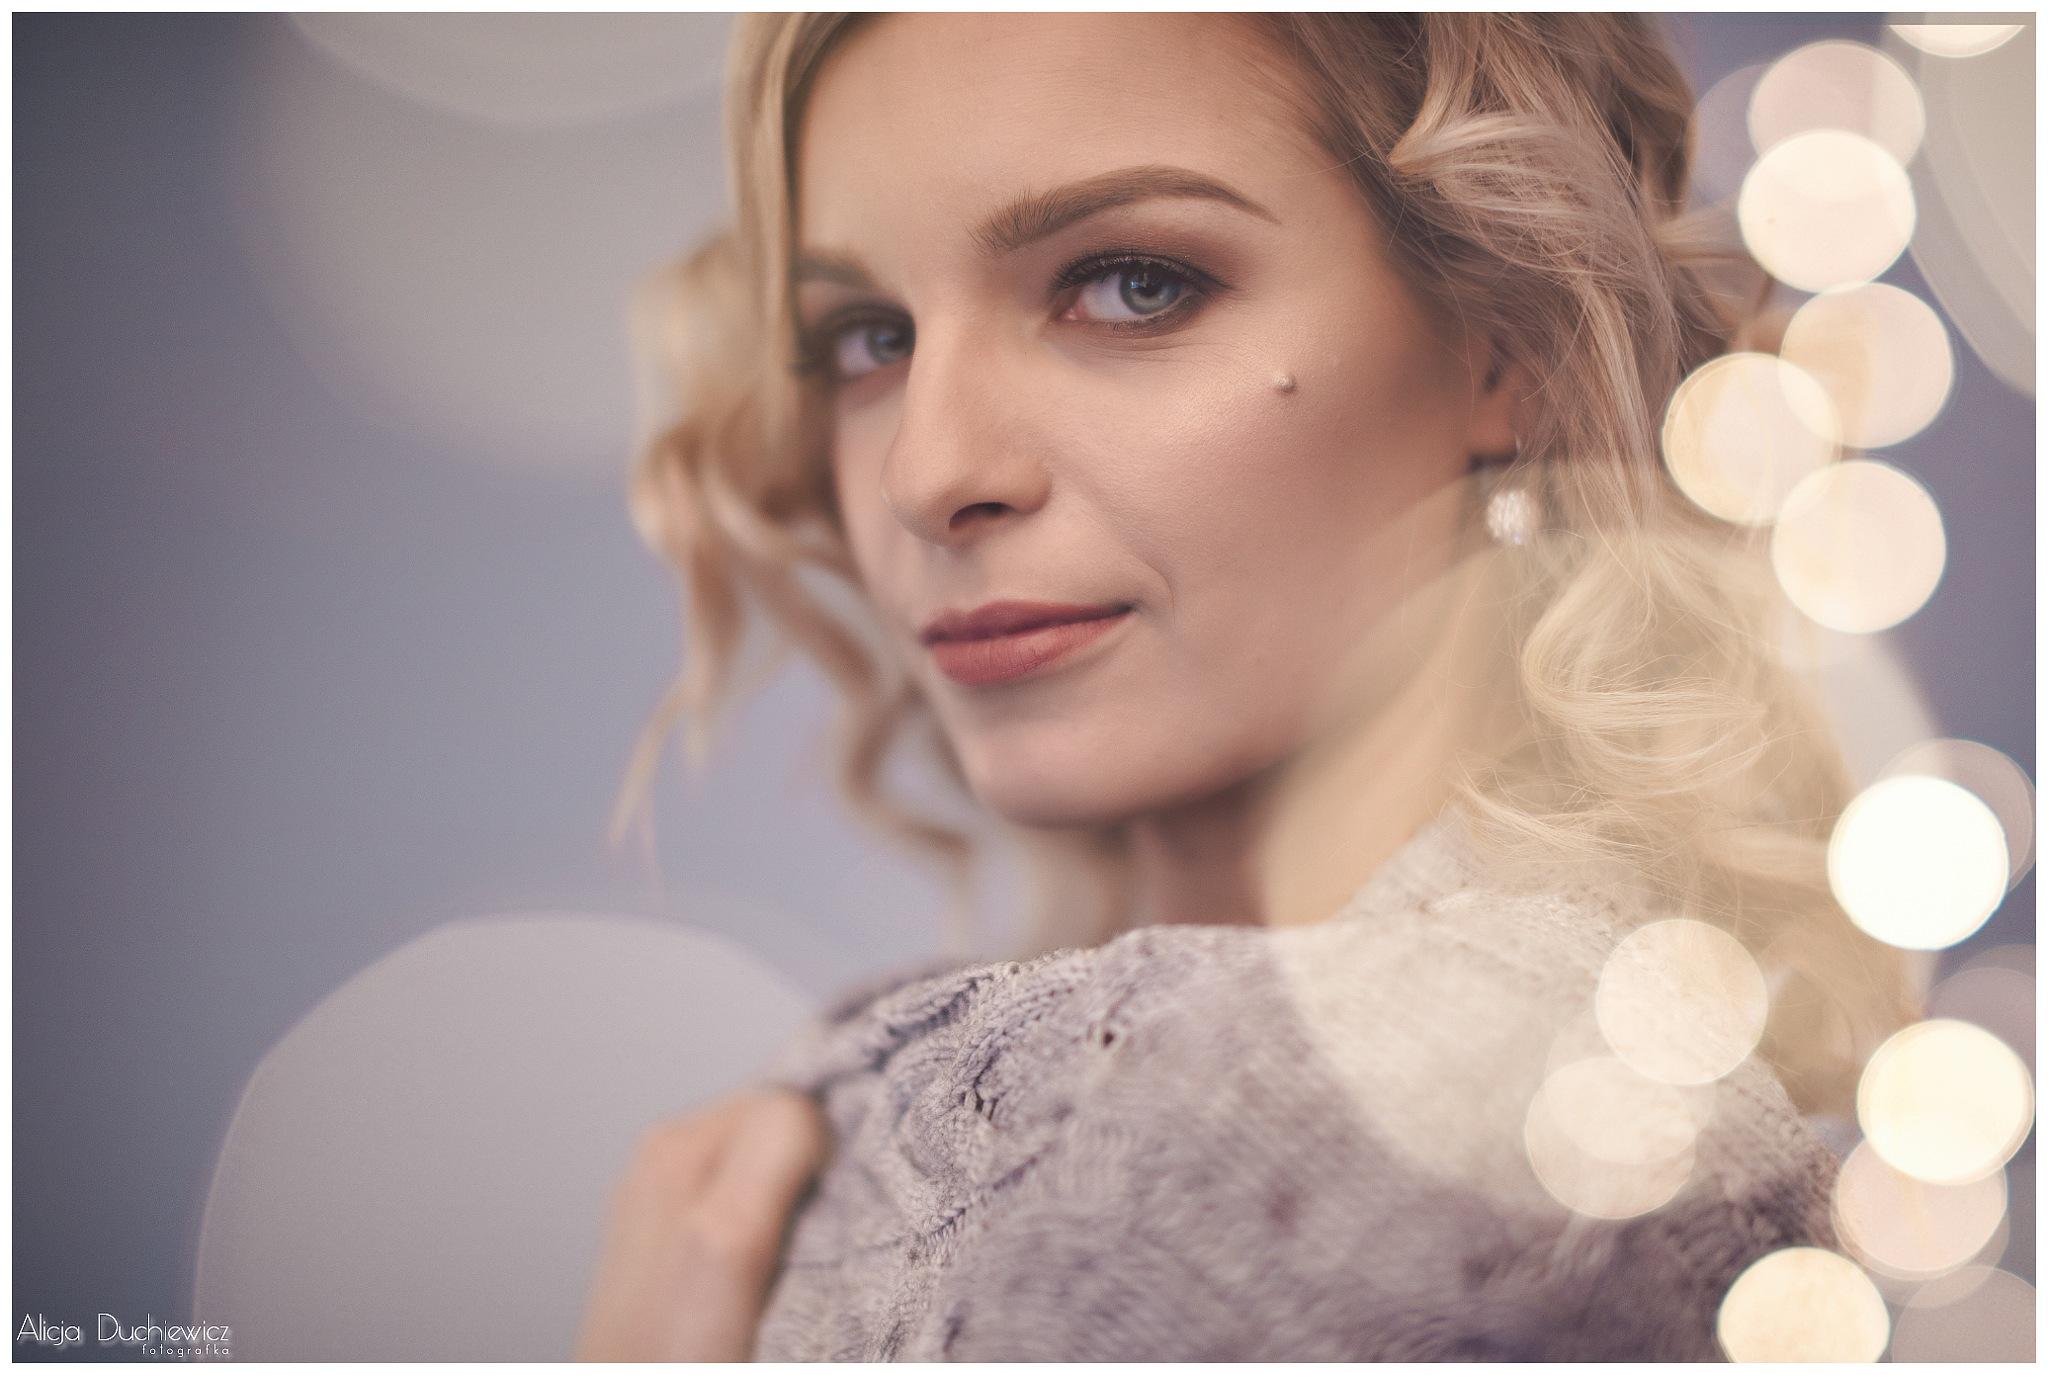 Just Smile by Alicja Duchiewicz-Potocka